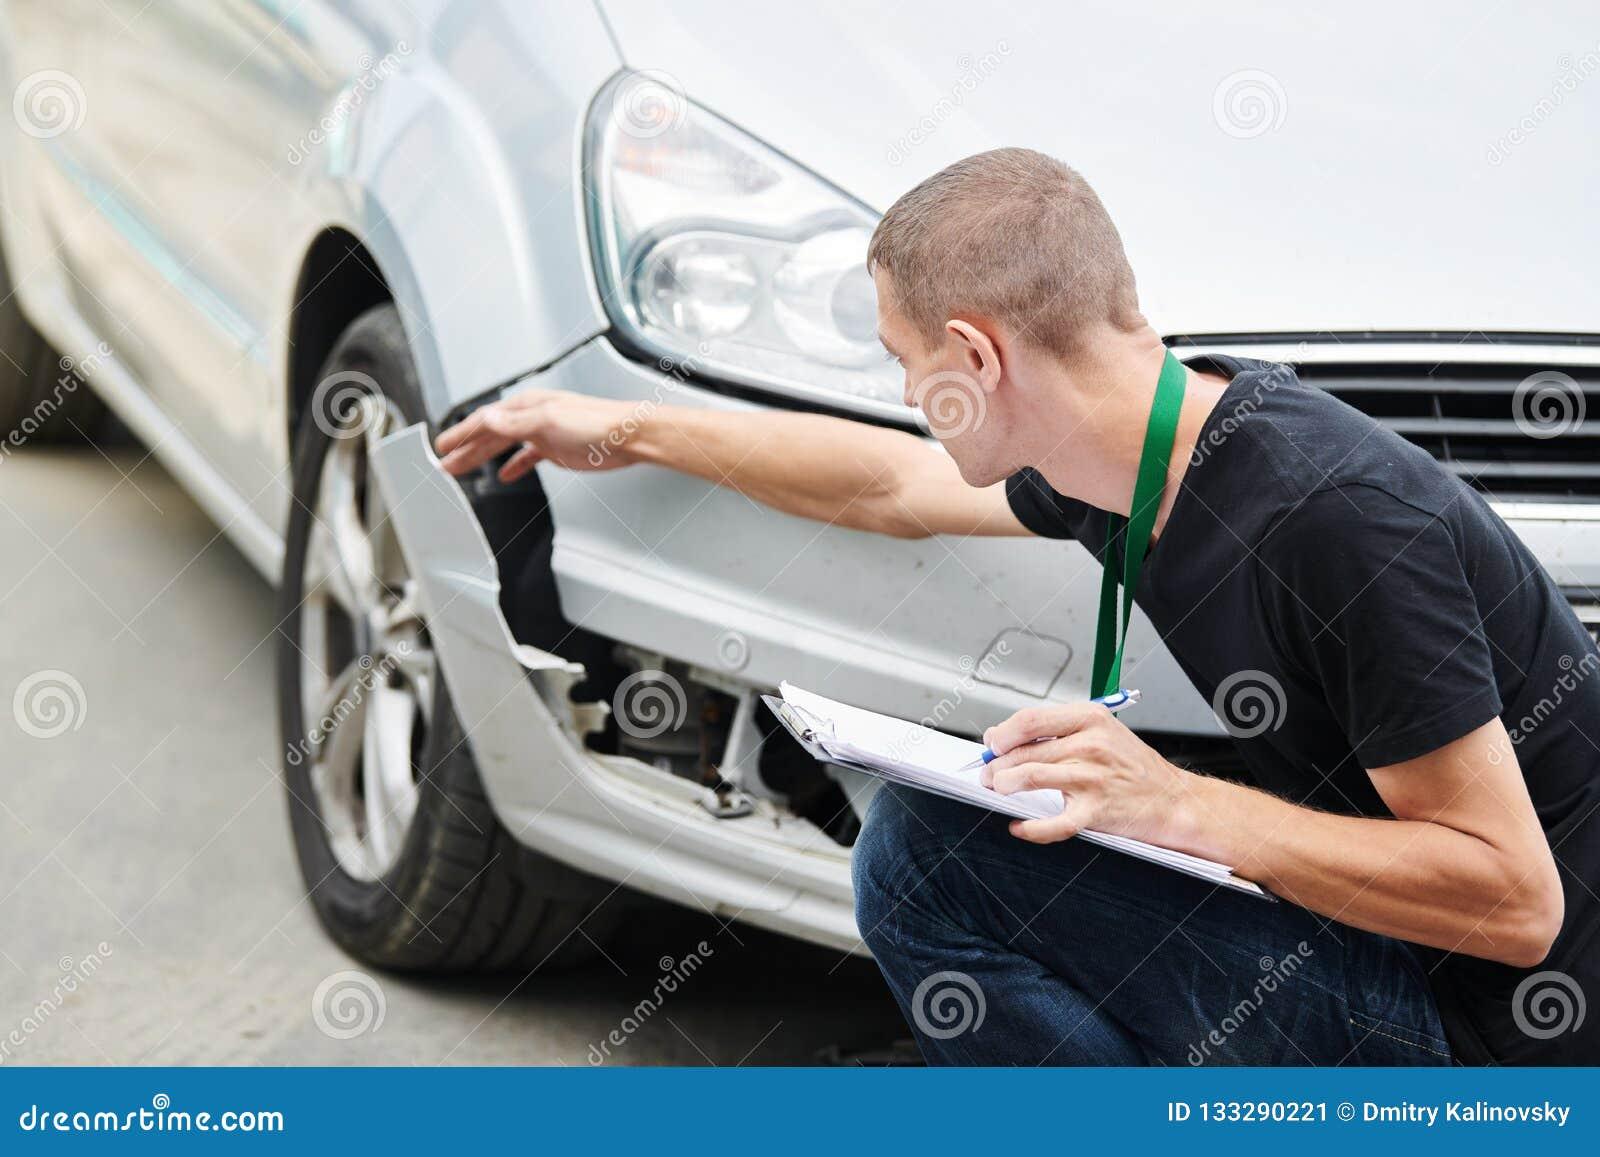 Ζημία αυτοκινήτων καταγραφής ασφαλιστικών πρακτόρων στη μορφή αξίωσης